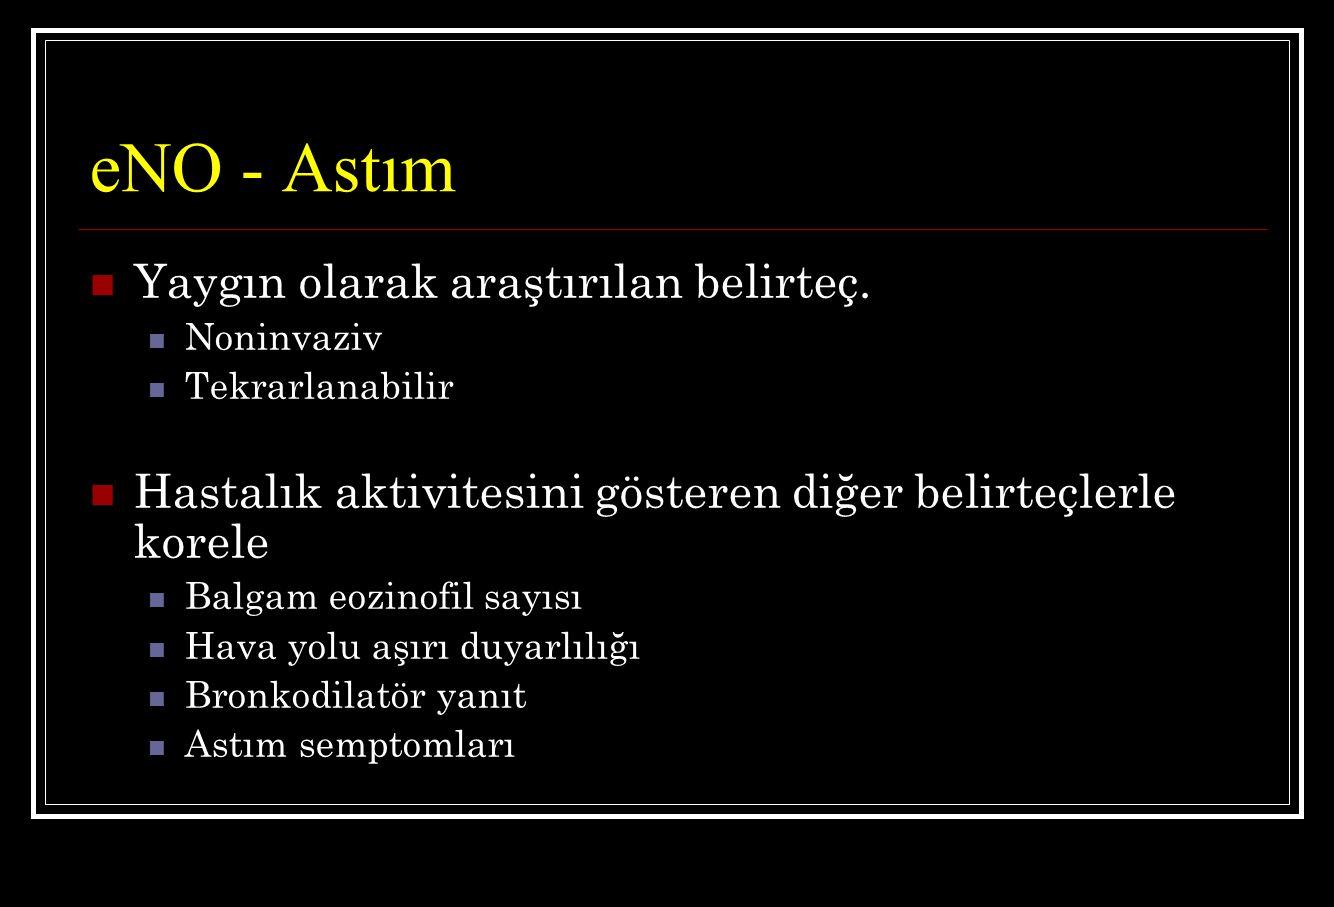 eNO - Astım Yaygın olarak araştırılan belirteç.